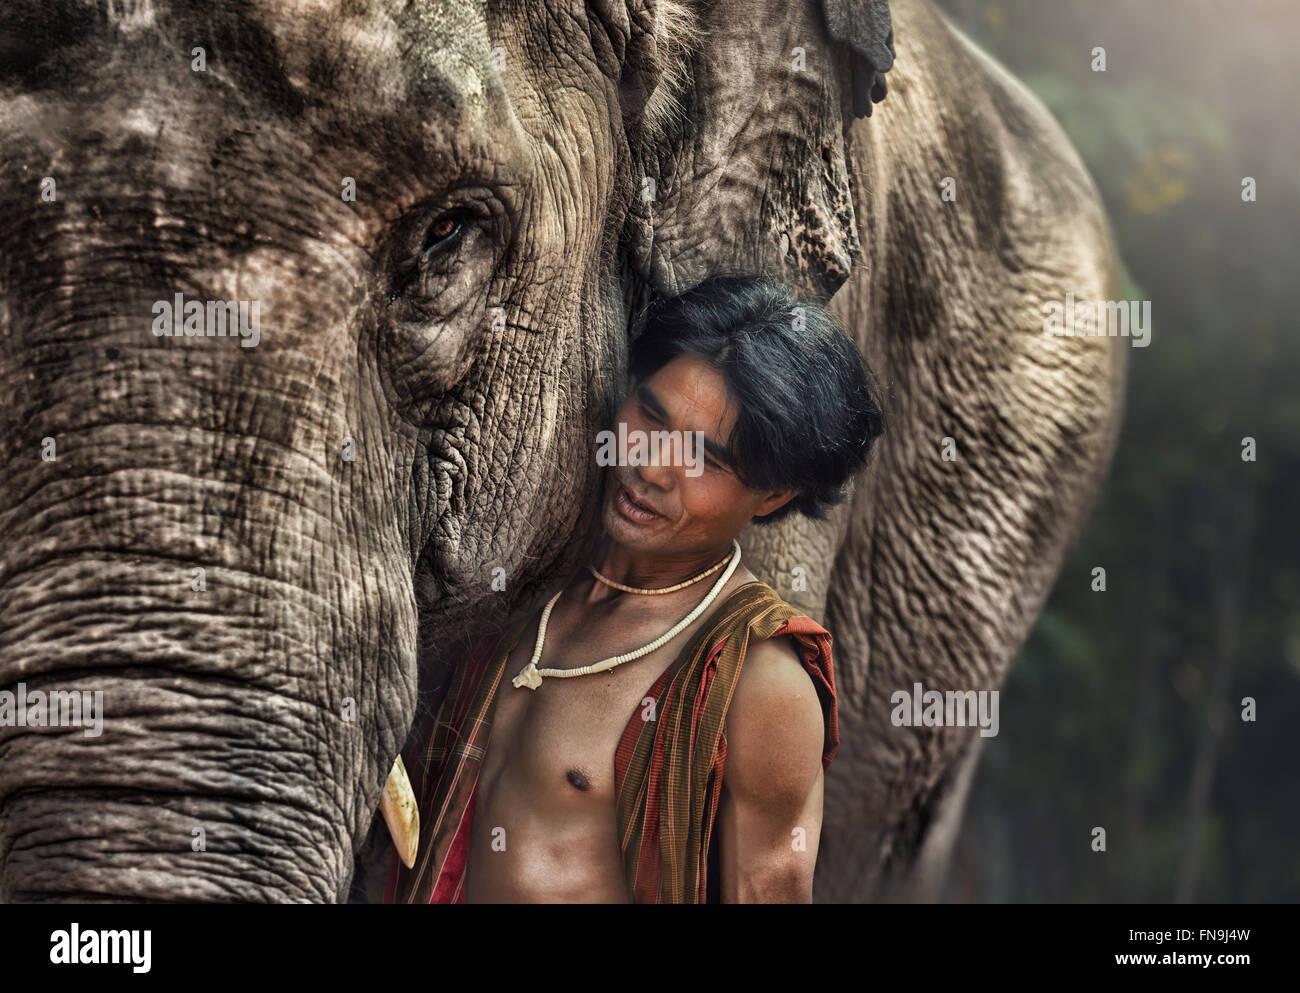 Mahout uomo con elefante Immagini Stock